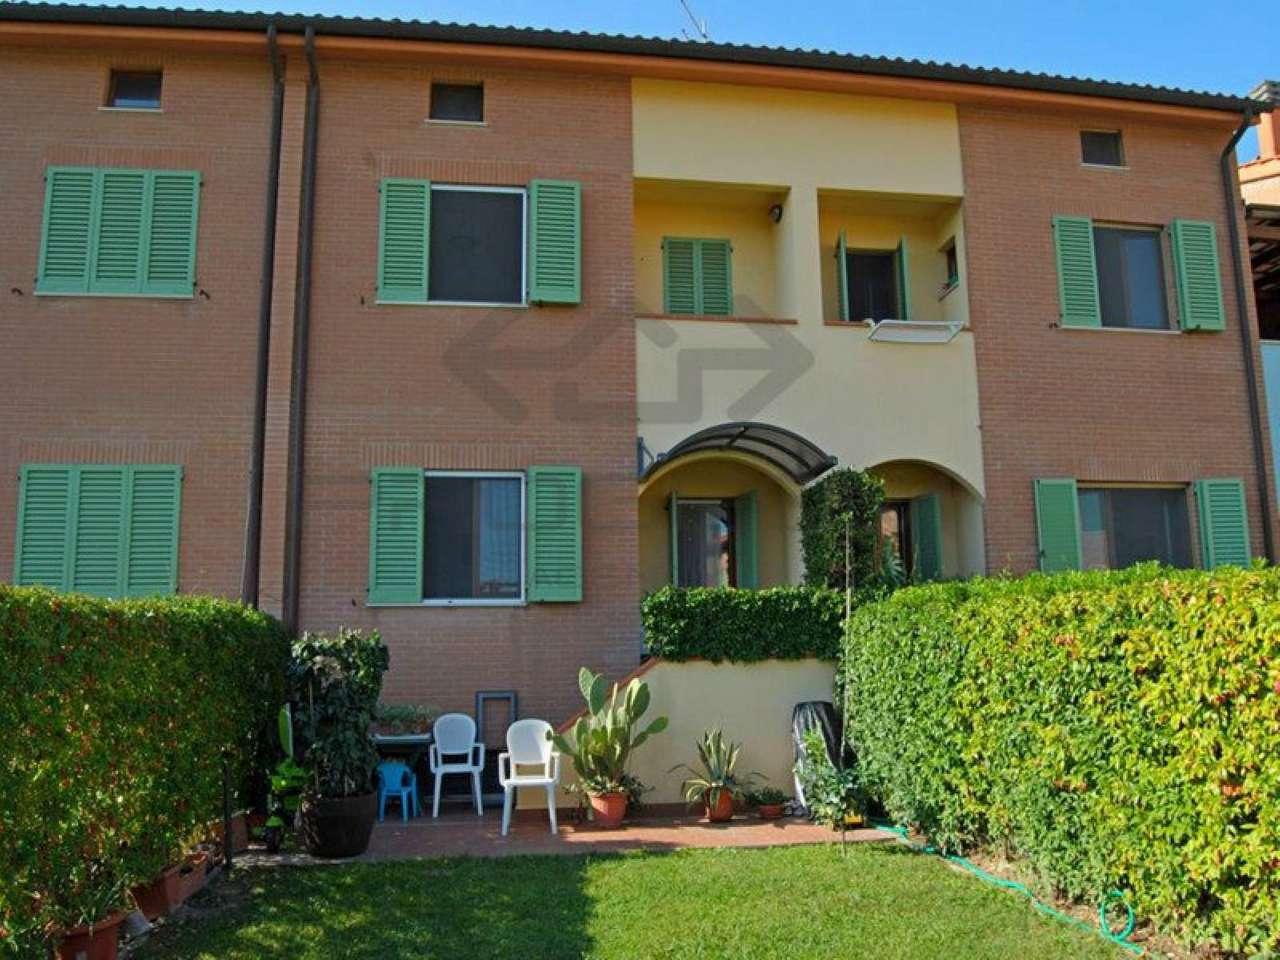 Villetta a schiera in vendita Rif. 8160470